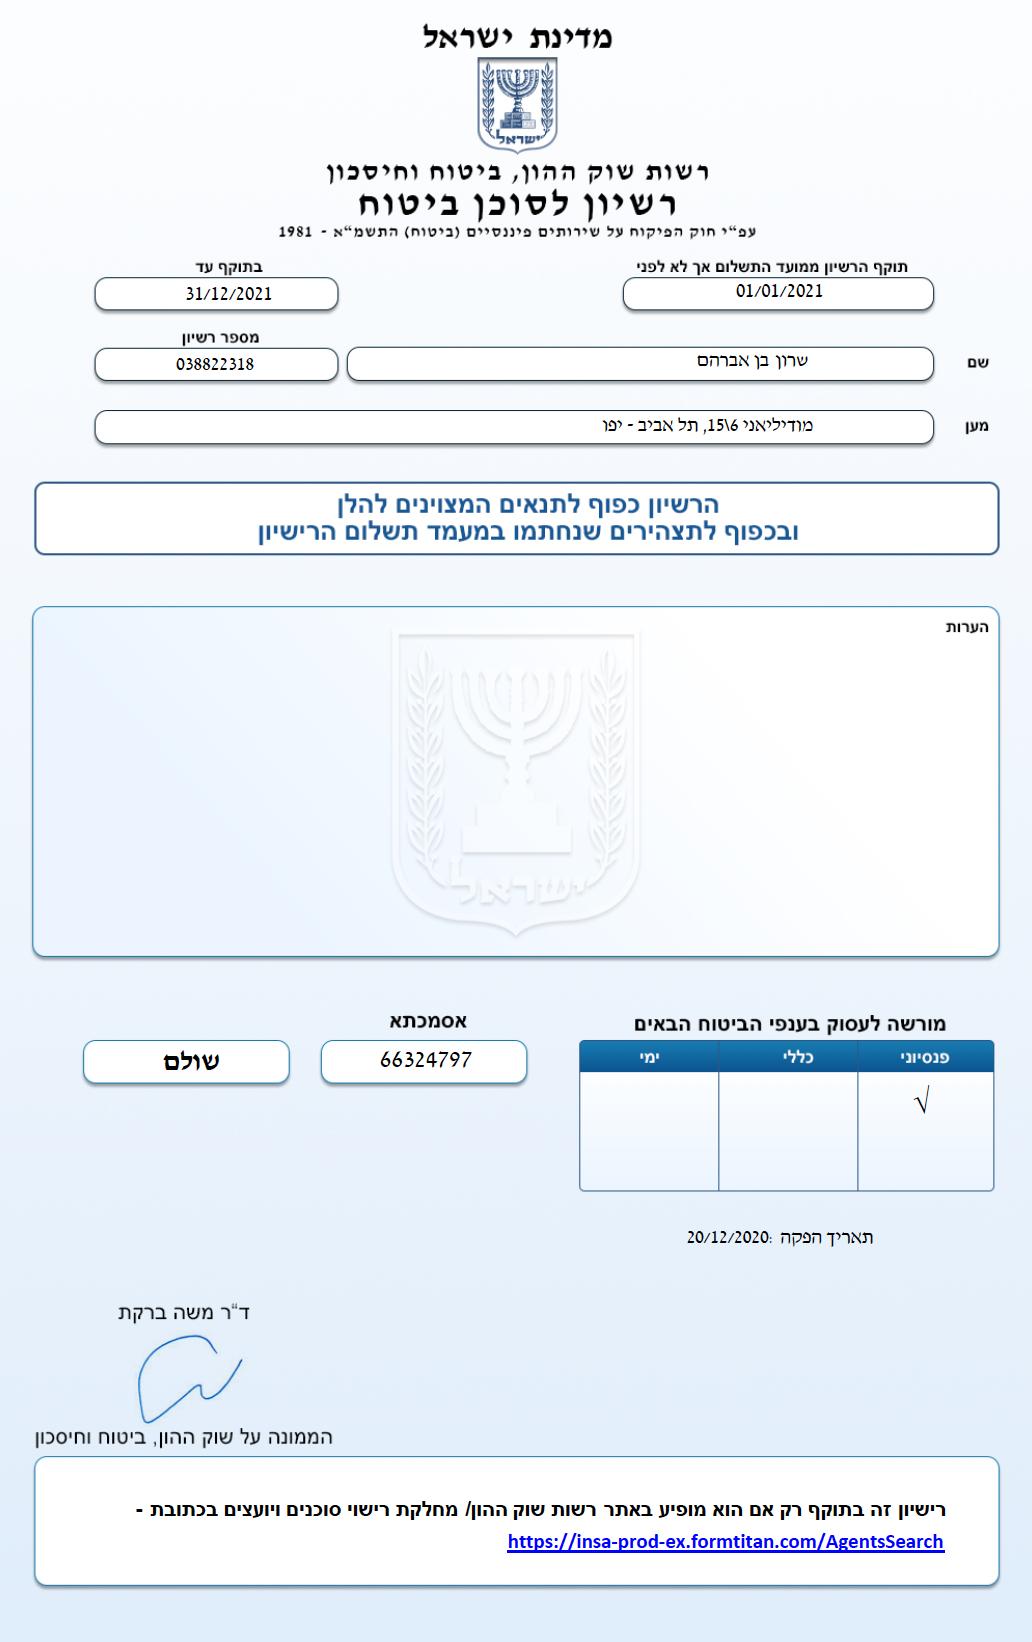 רישיון סוכן פנסיוני לשנת 2021